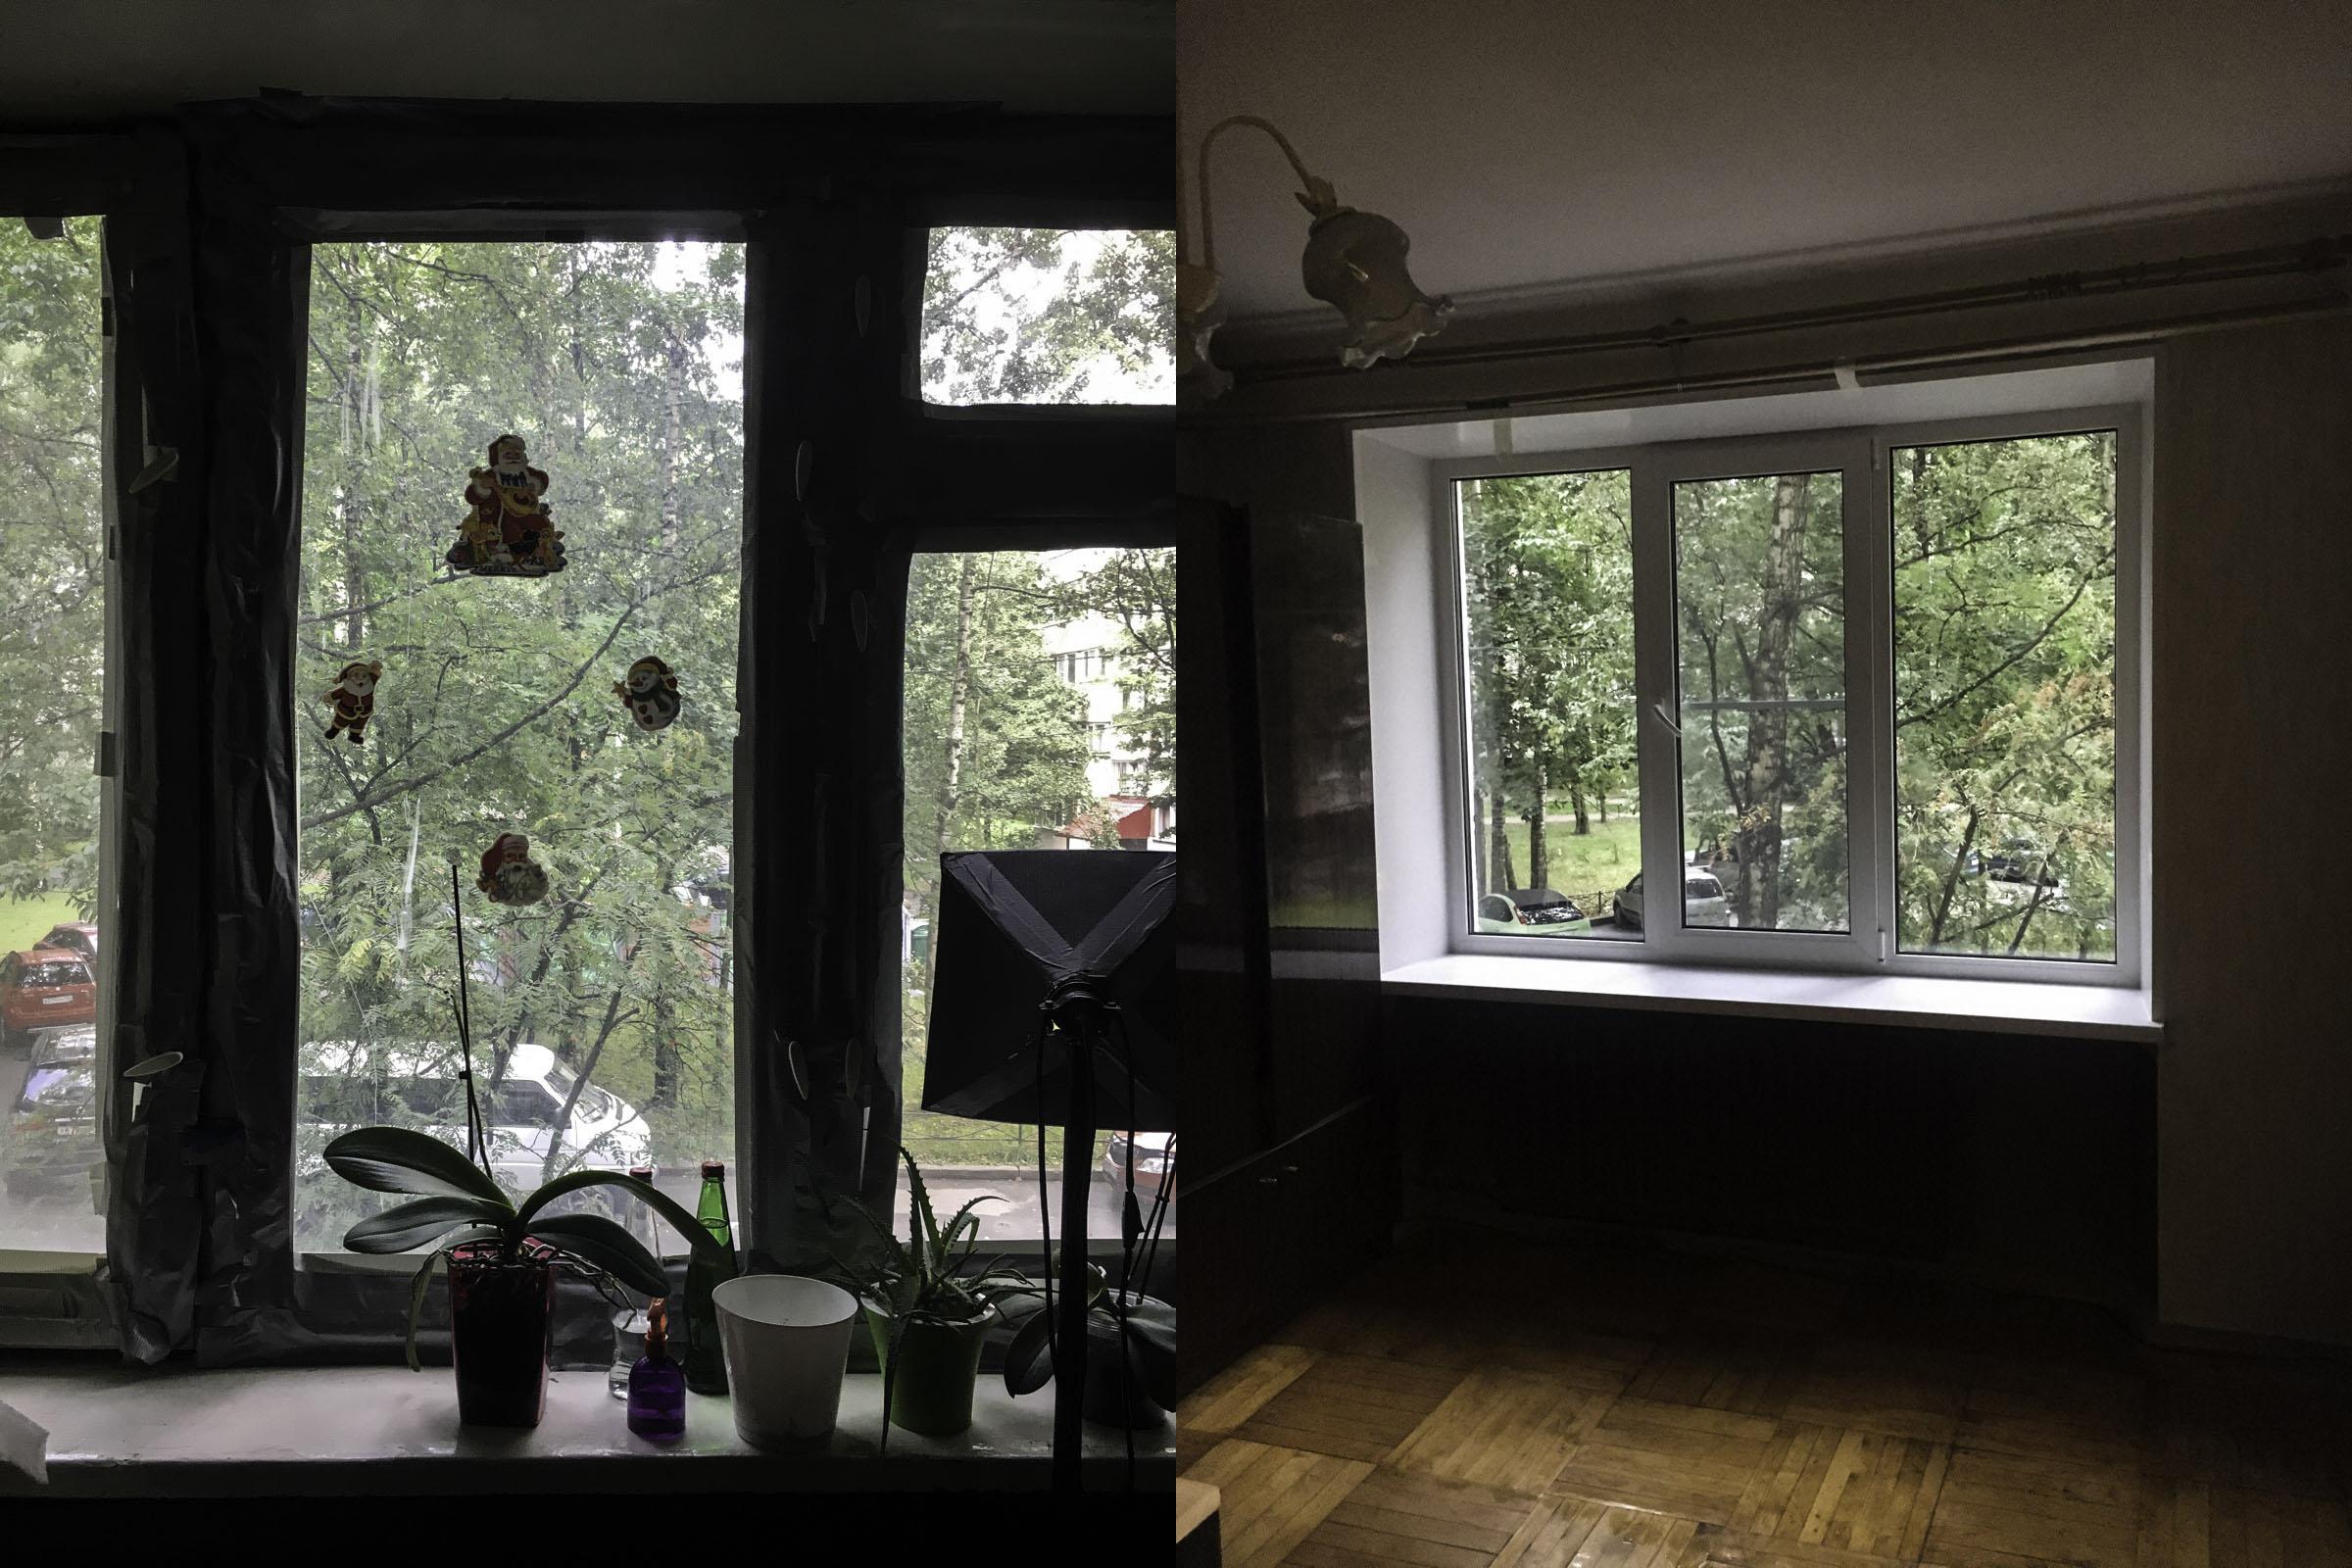 Ощущение тишины и уединения. Новые окна